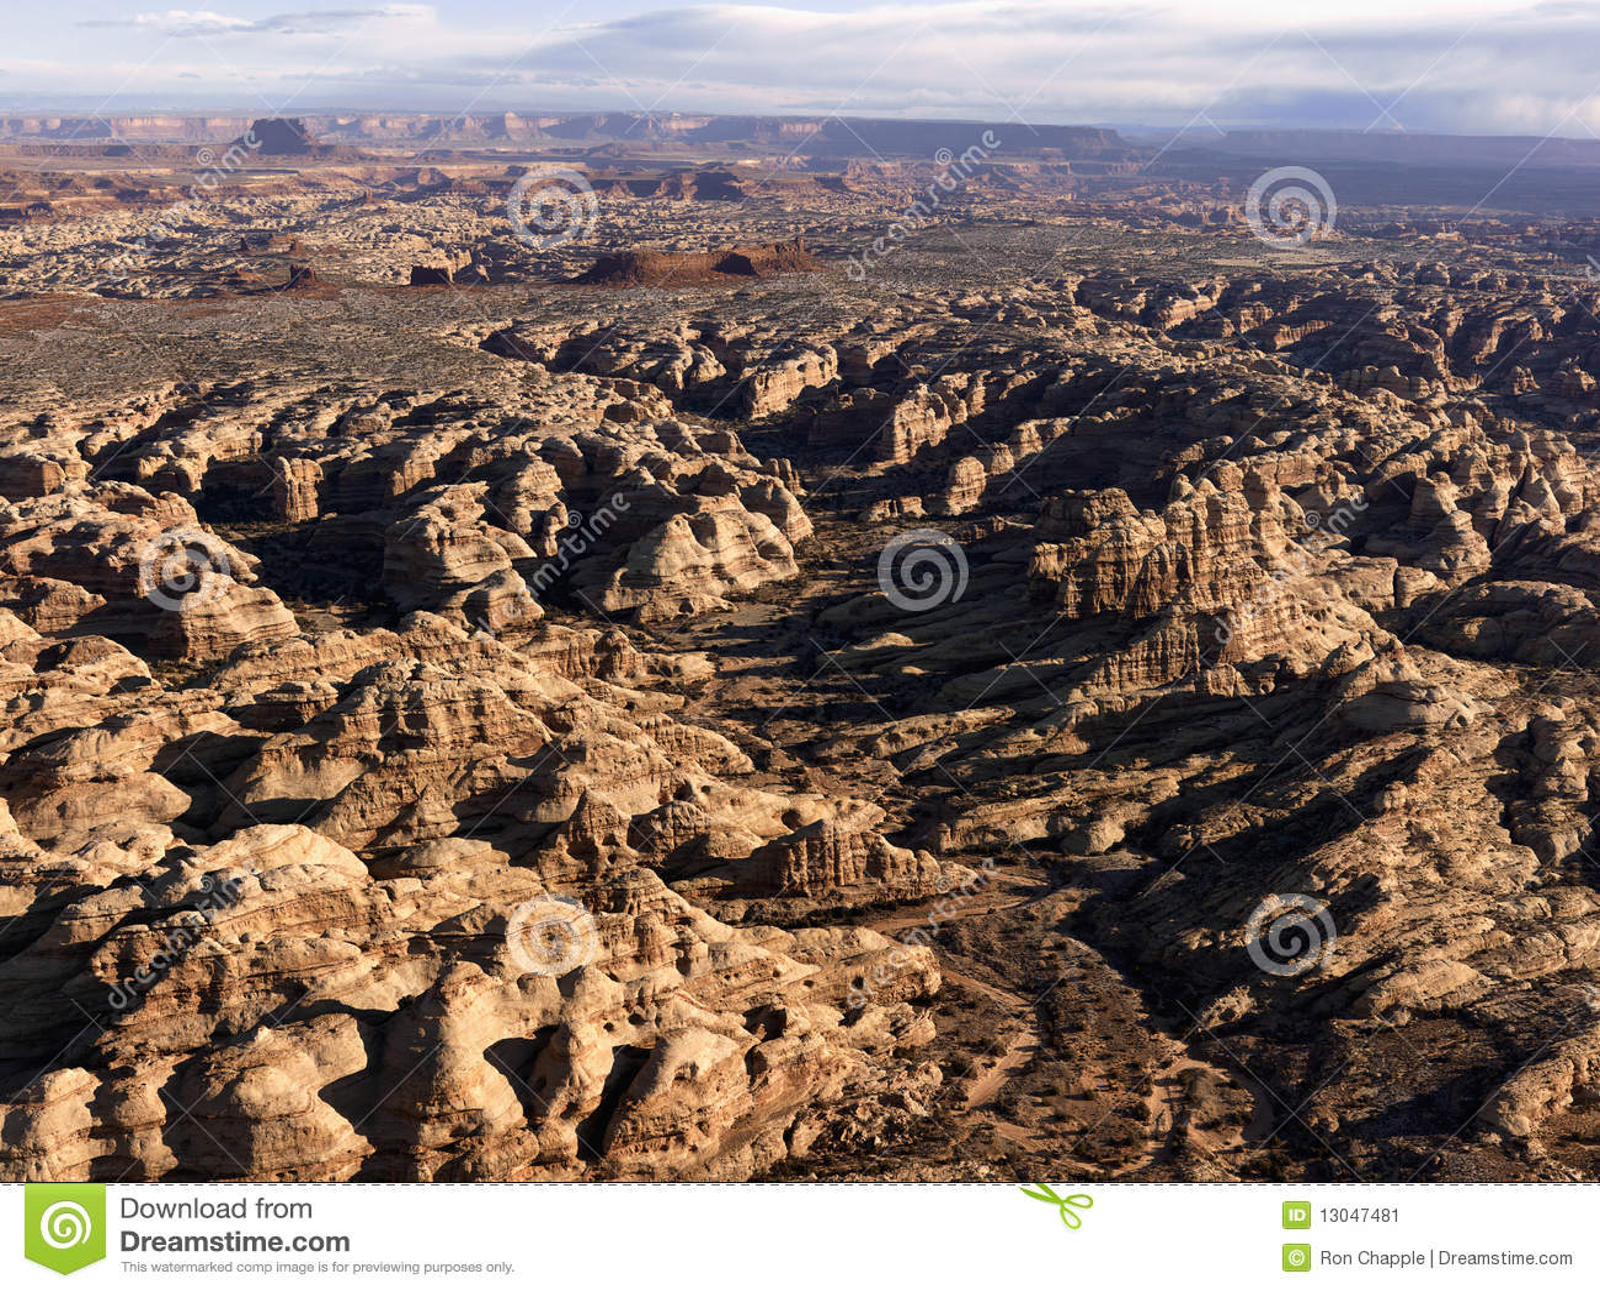 Formazioni rocciose in deserto